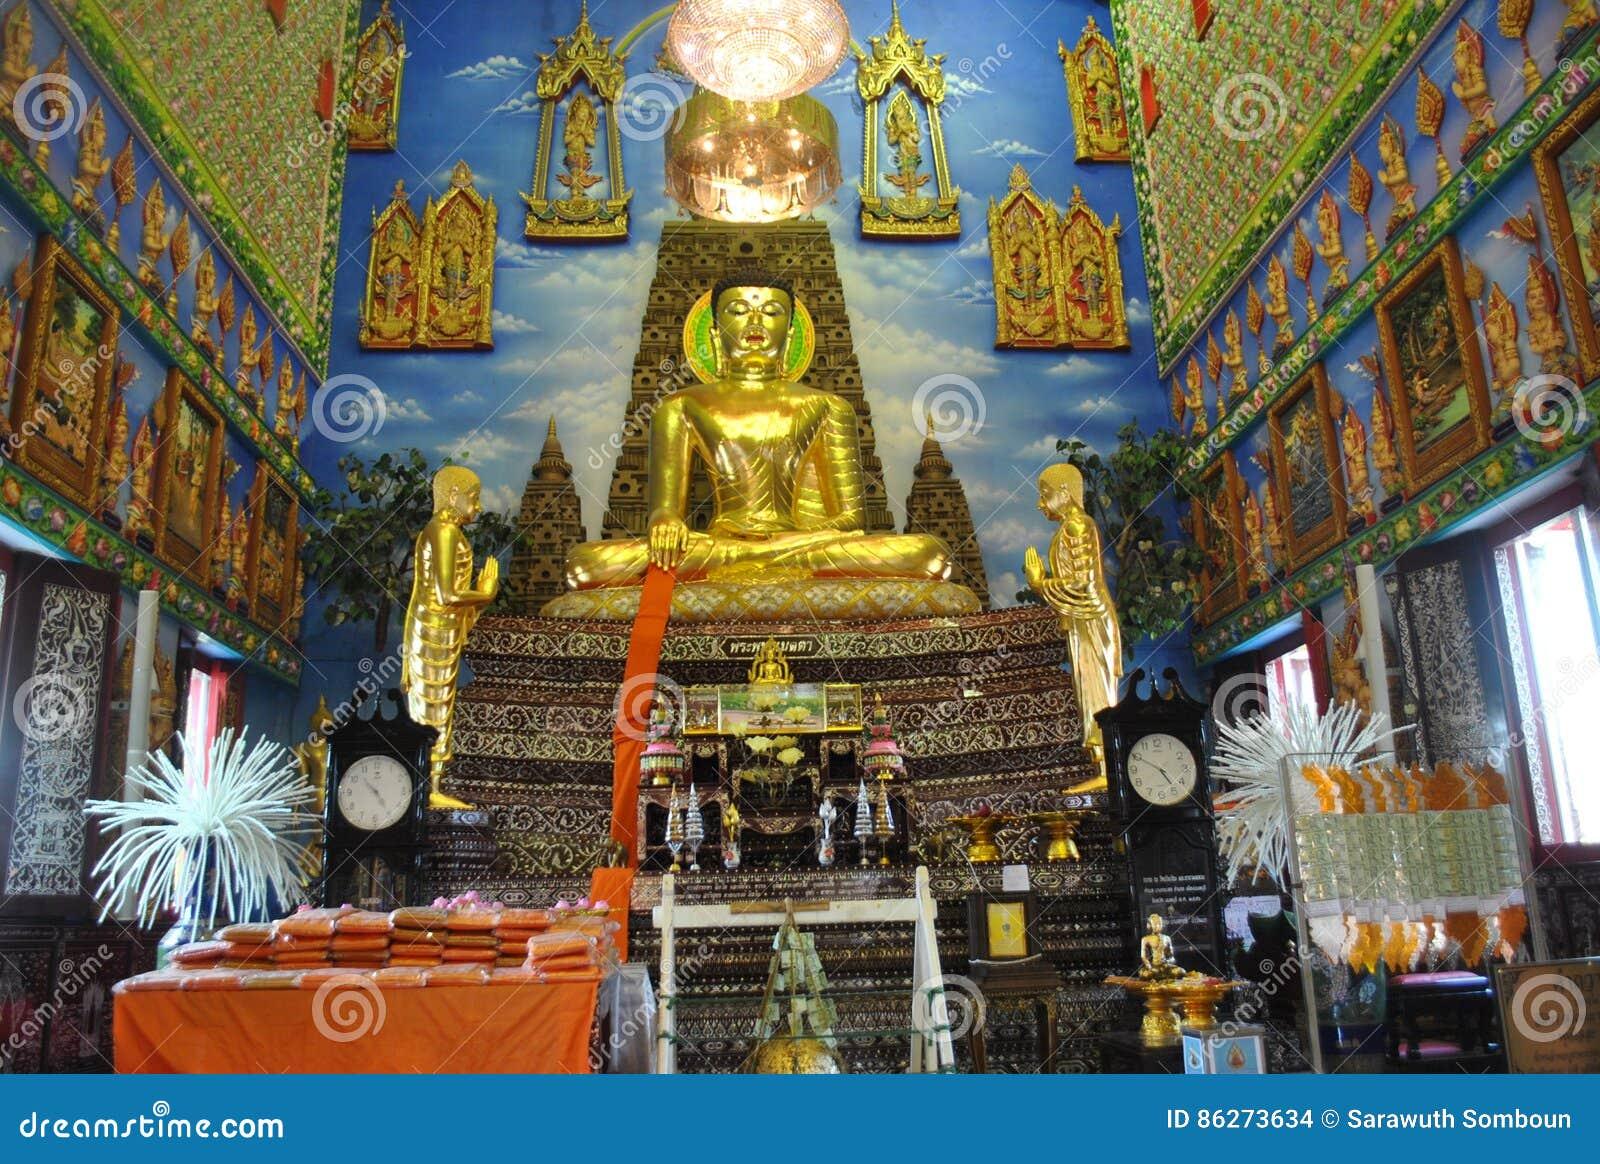 Złocistego Buddha statuy Architectur wglądu budynku buddyjskiego wata buakwan nonthaburi Thailand